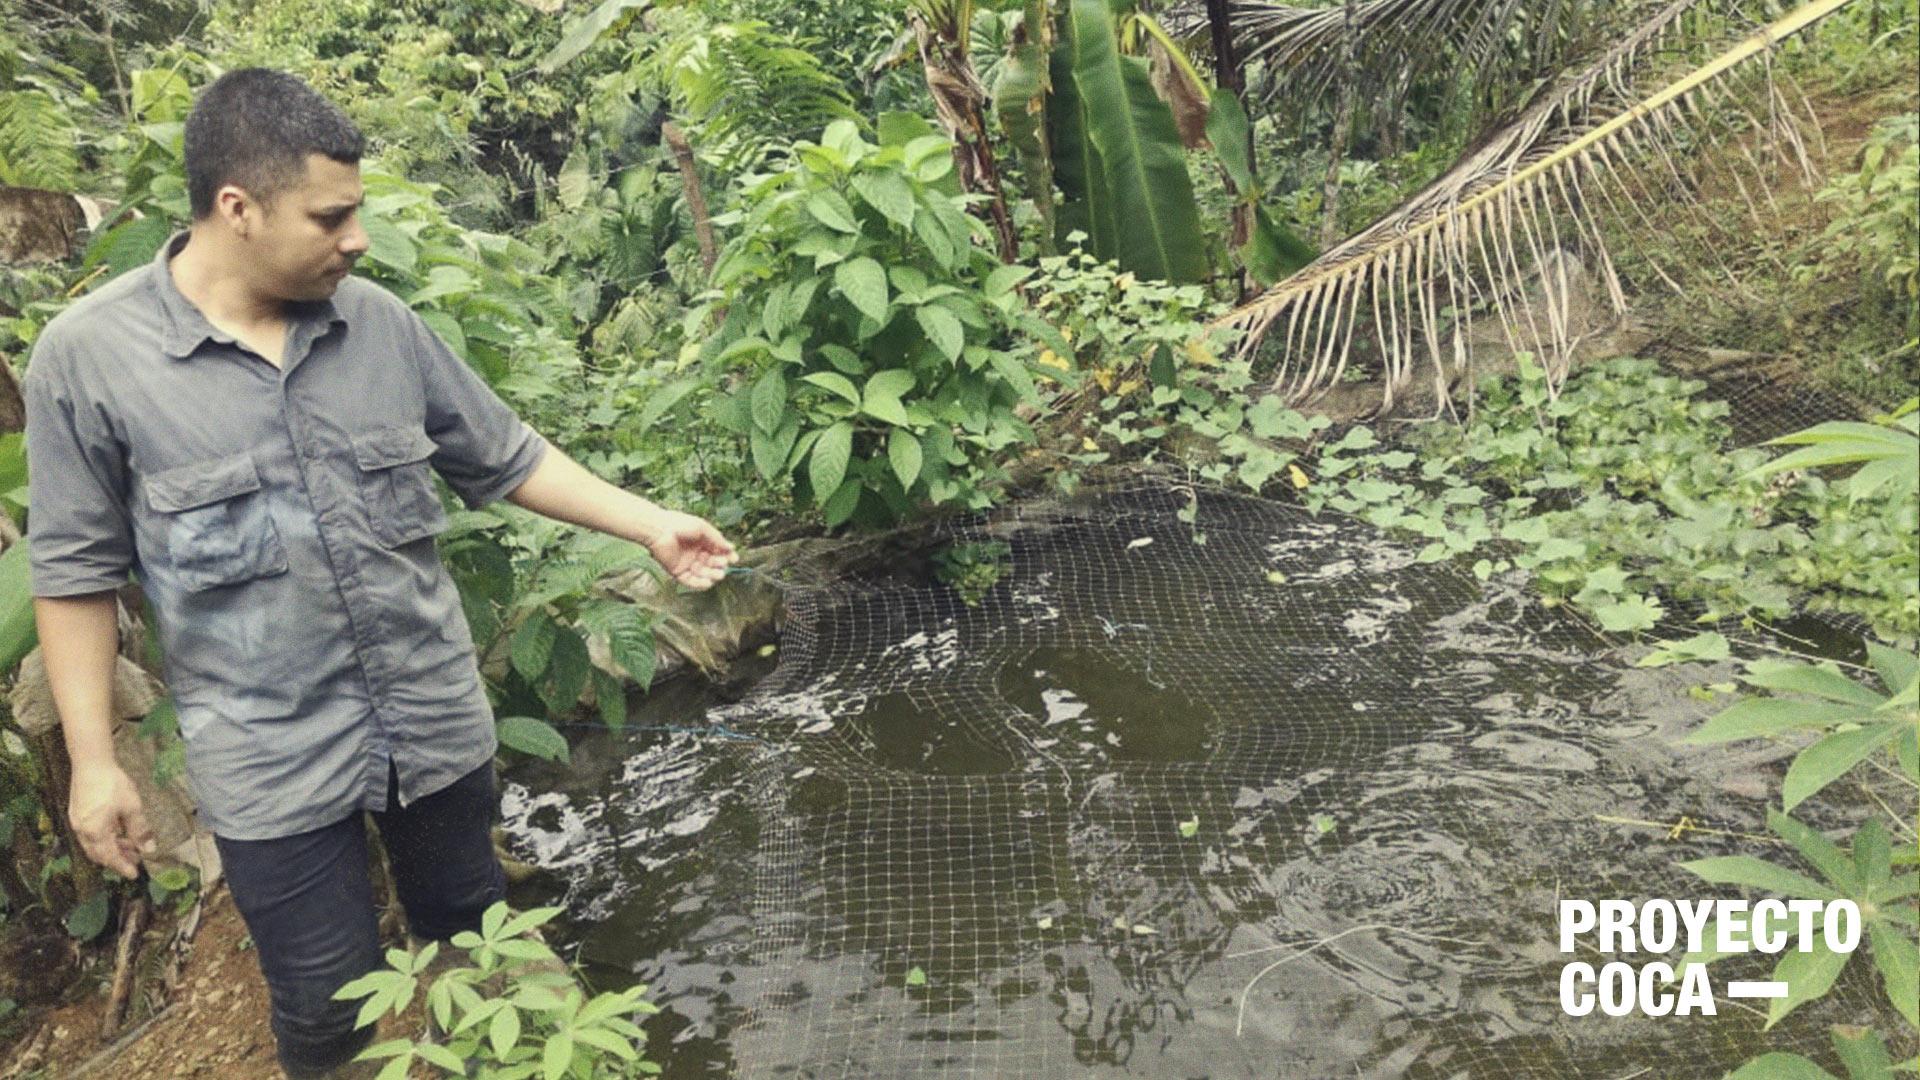 Con peces ornamentales, los campesinos del Valle están saliendo de la coca